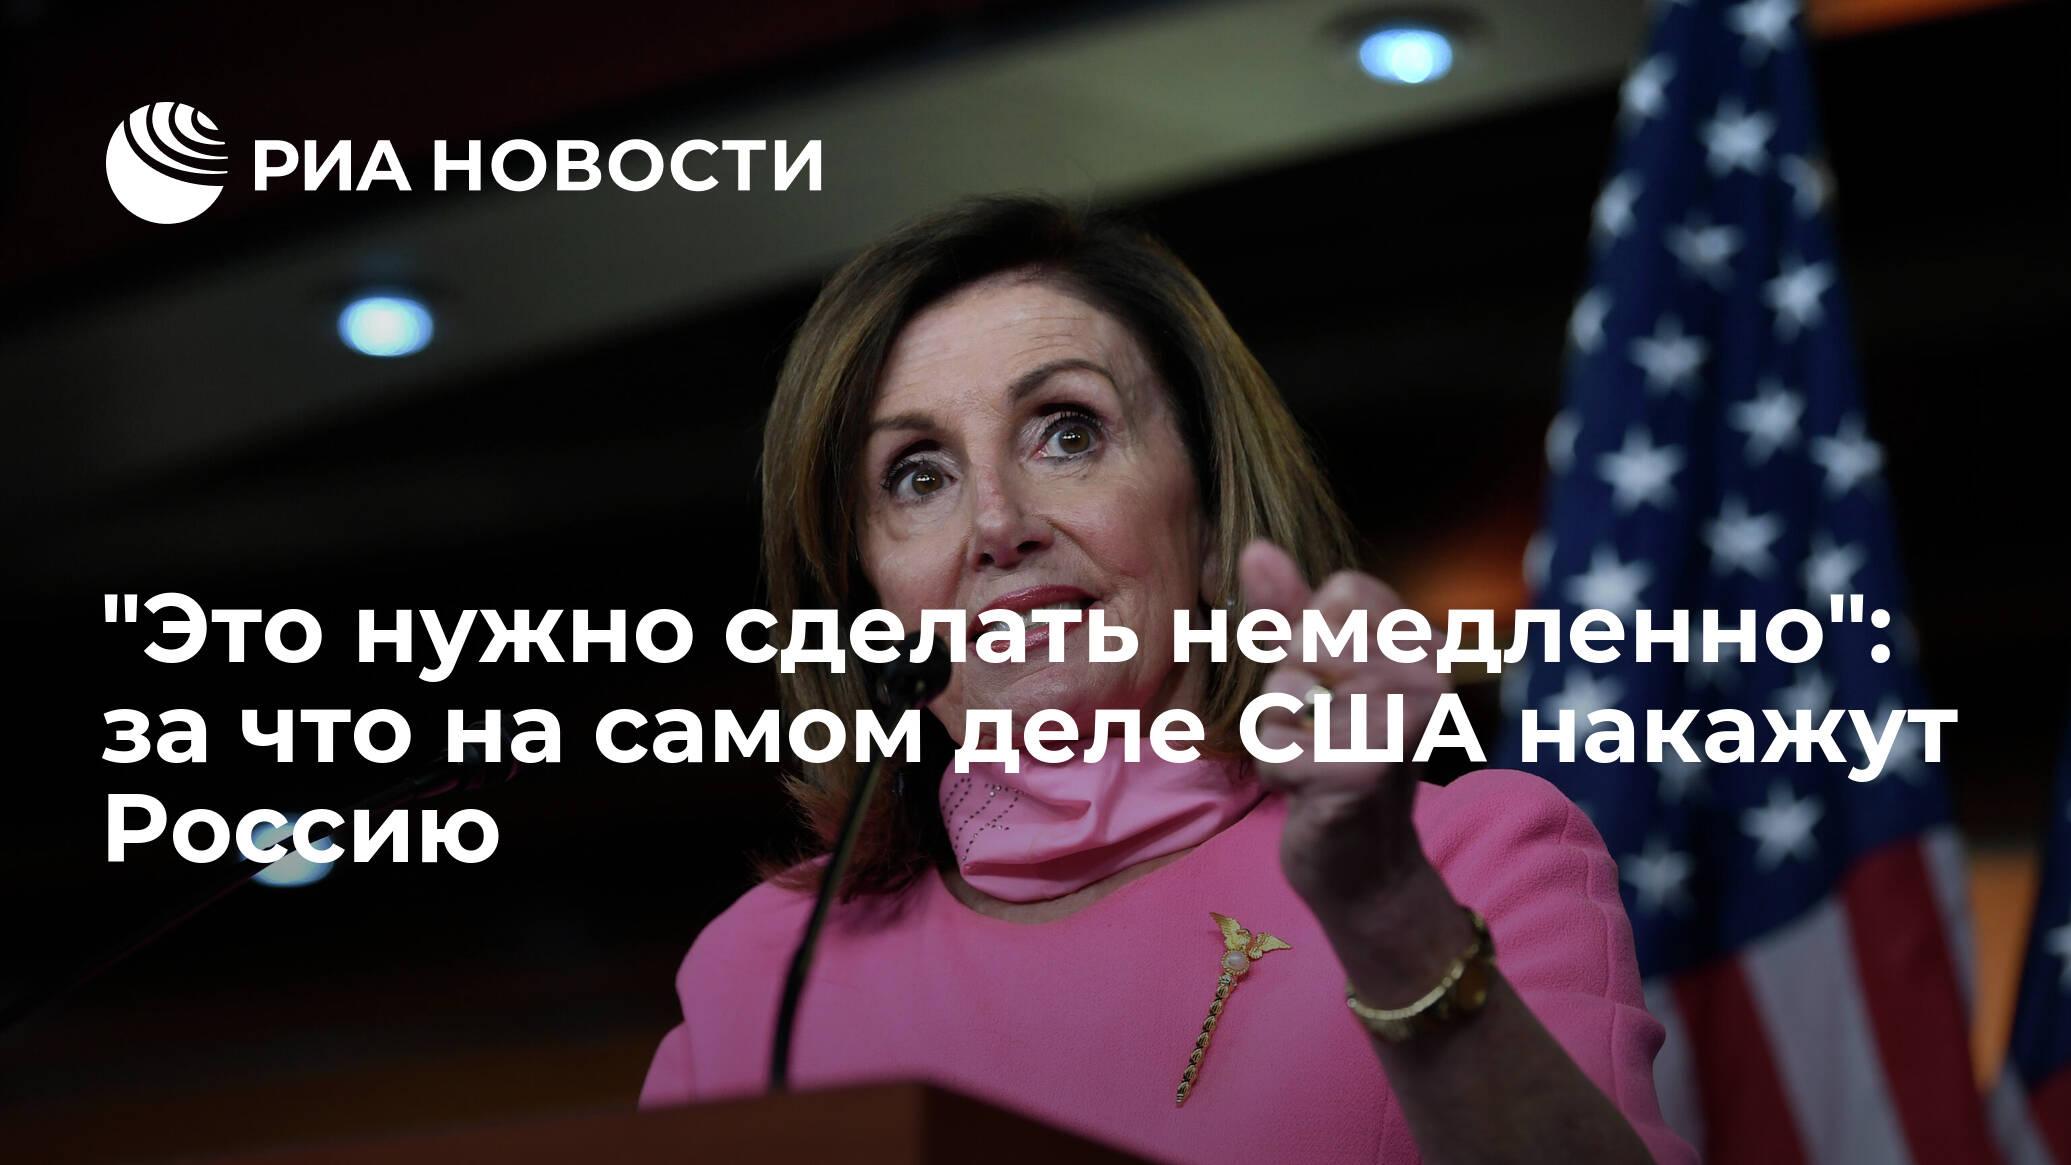 """""""Это нужно сделать немедленно"""": за что на самом деле США накажут Россию - РИА Новости, 03.07.2020"""